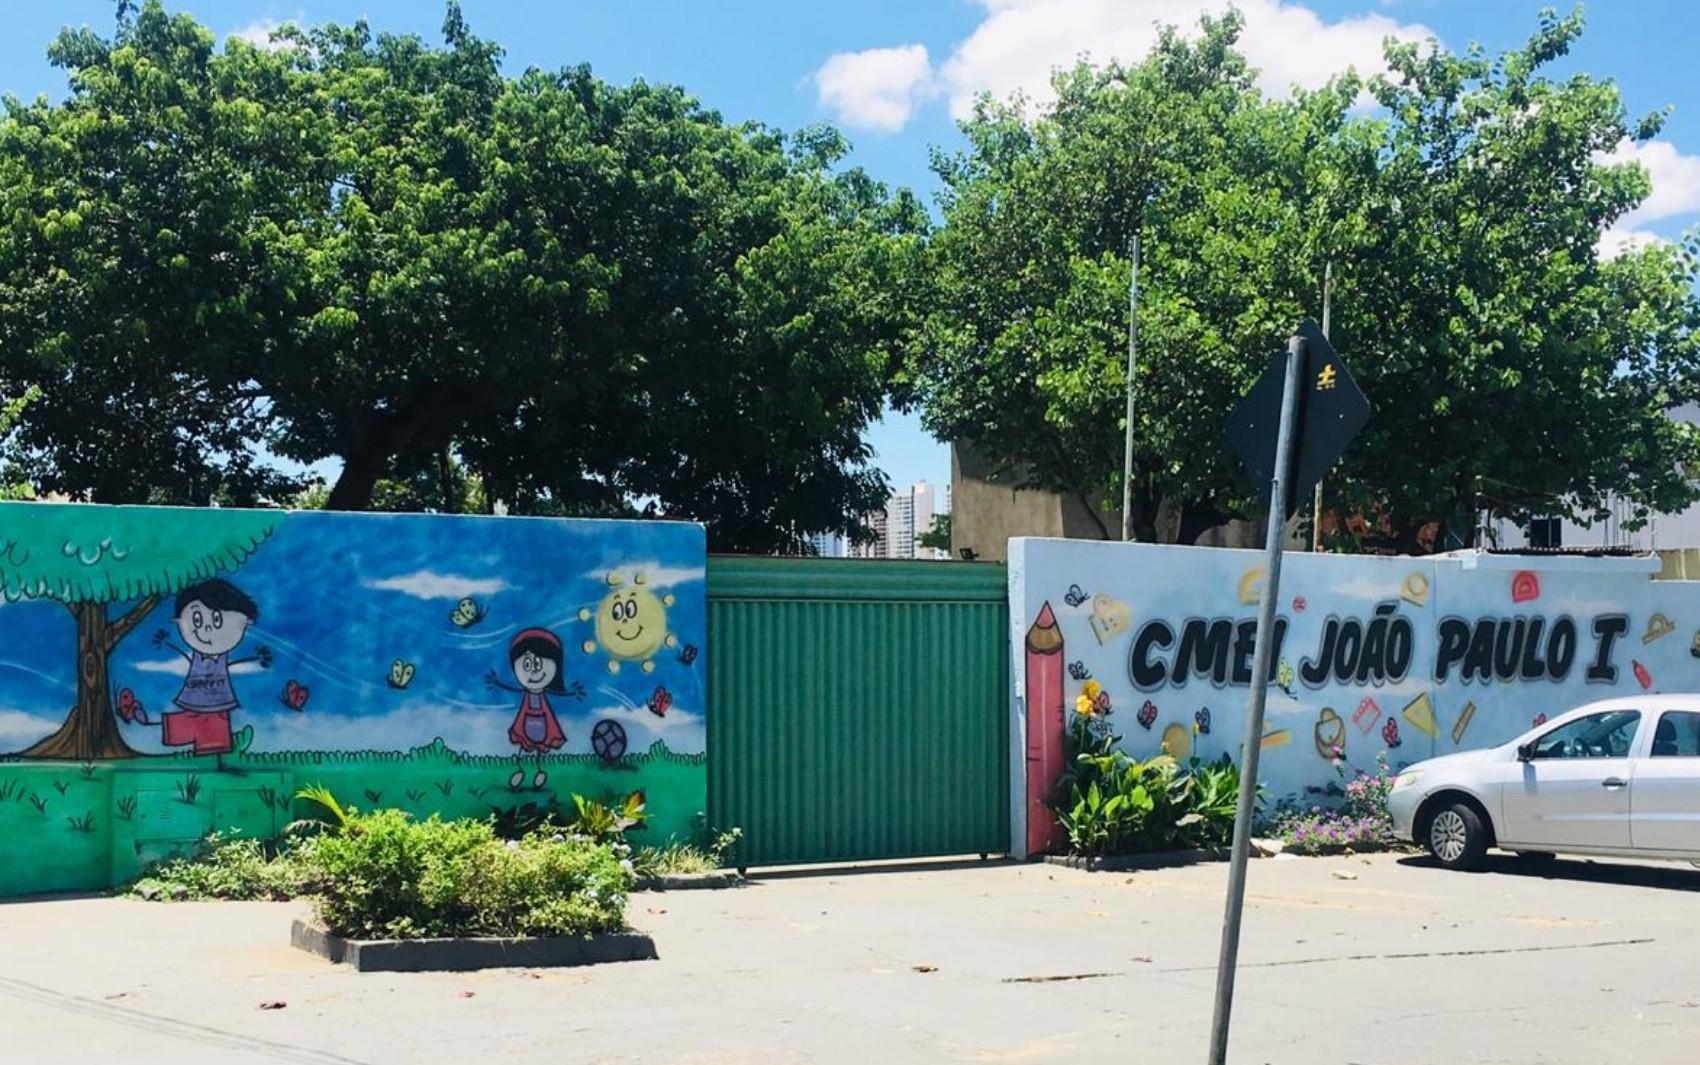 Prefeitura de Goiânia autoriza retomada das aulas presenciais no ensino infantil a partir de novembro